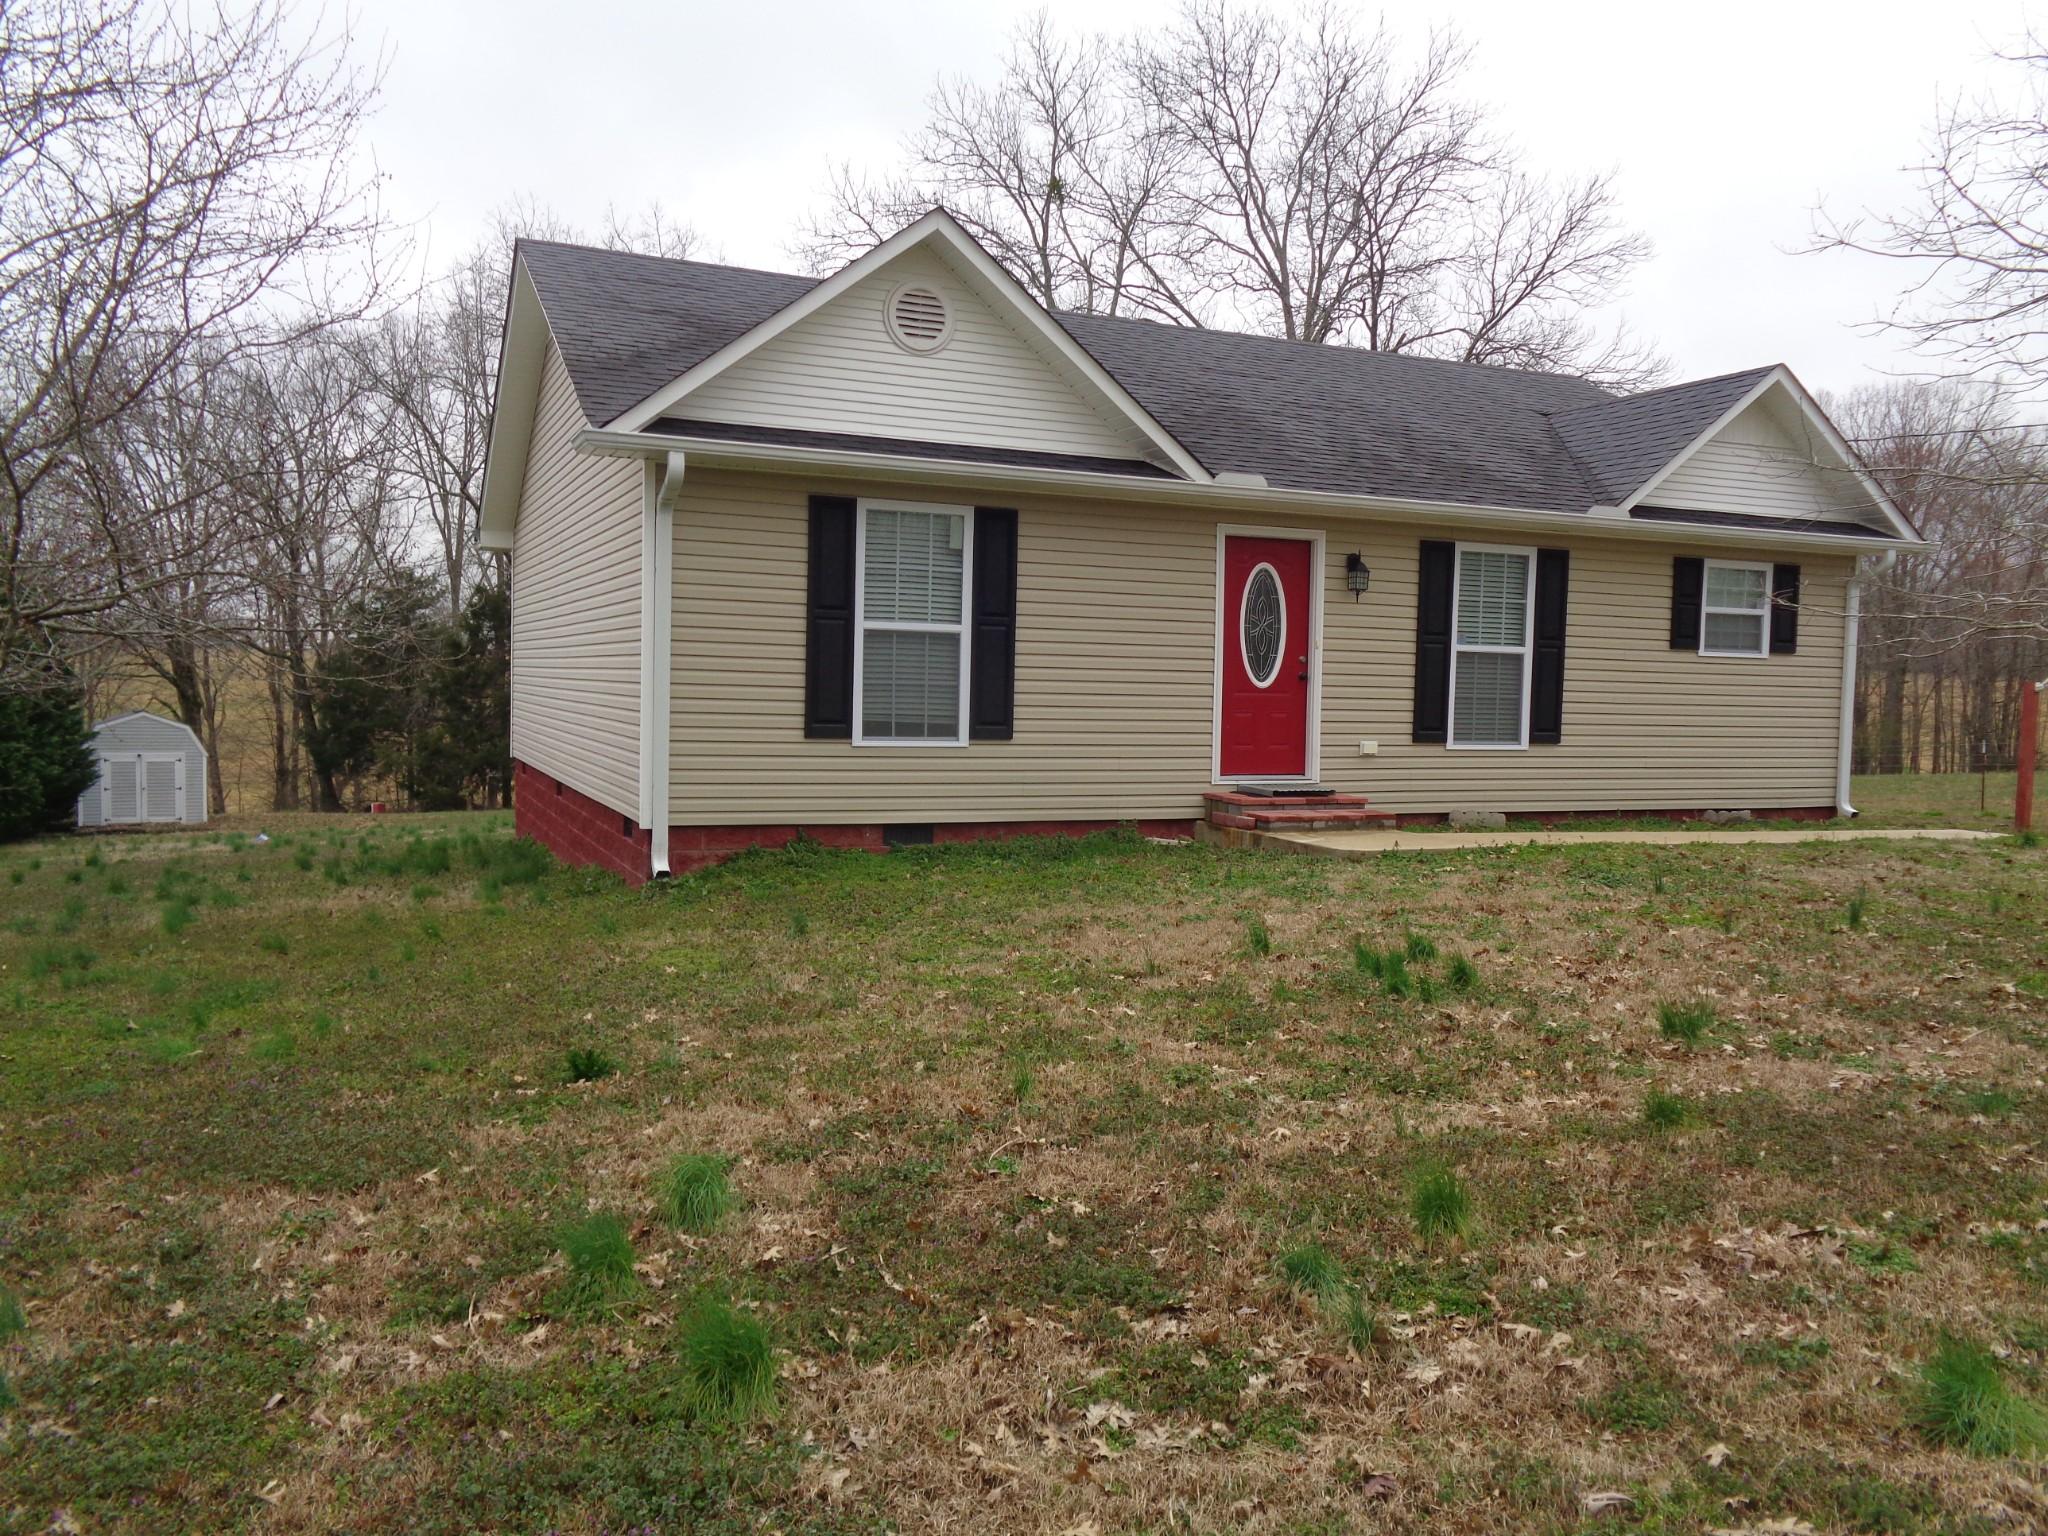 2231 Fall River Rd, Leoma, TN 38468 - Leoma, TN real estate listing